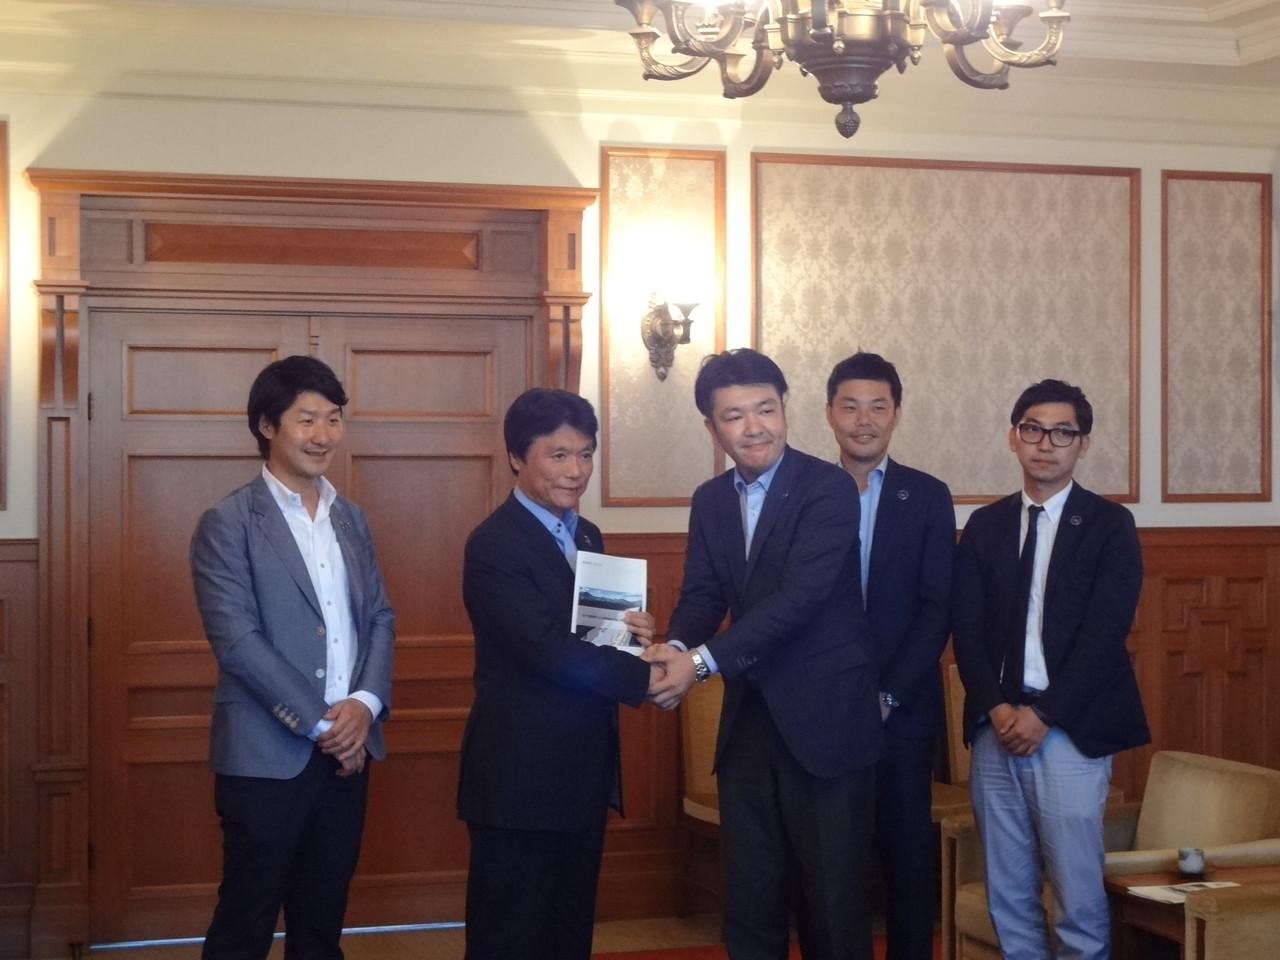 岩木事務局長から知事へ活動報告書を提出